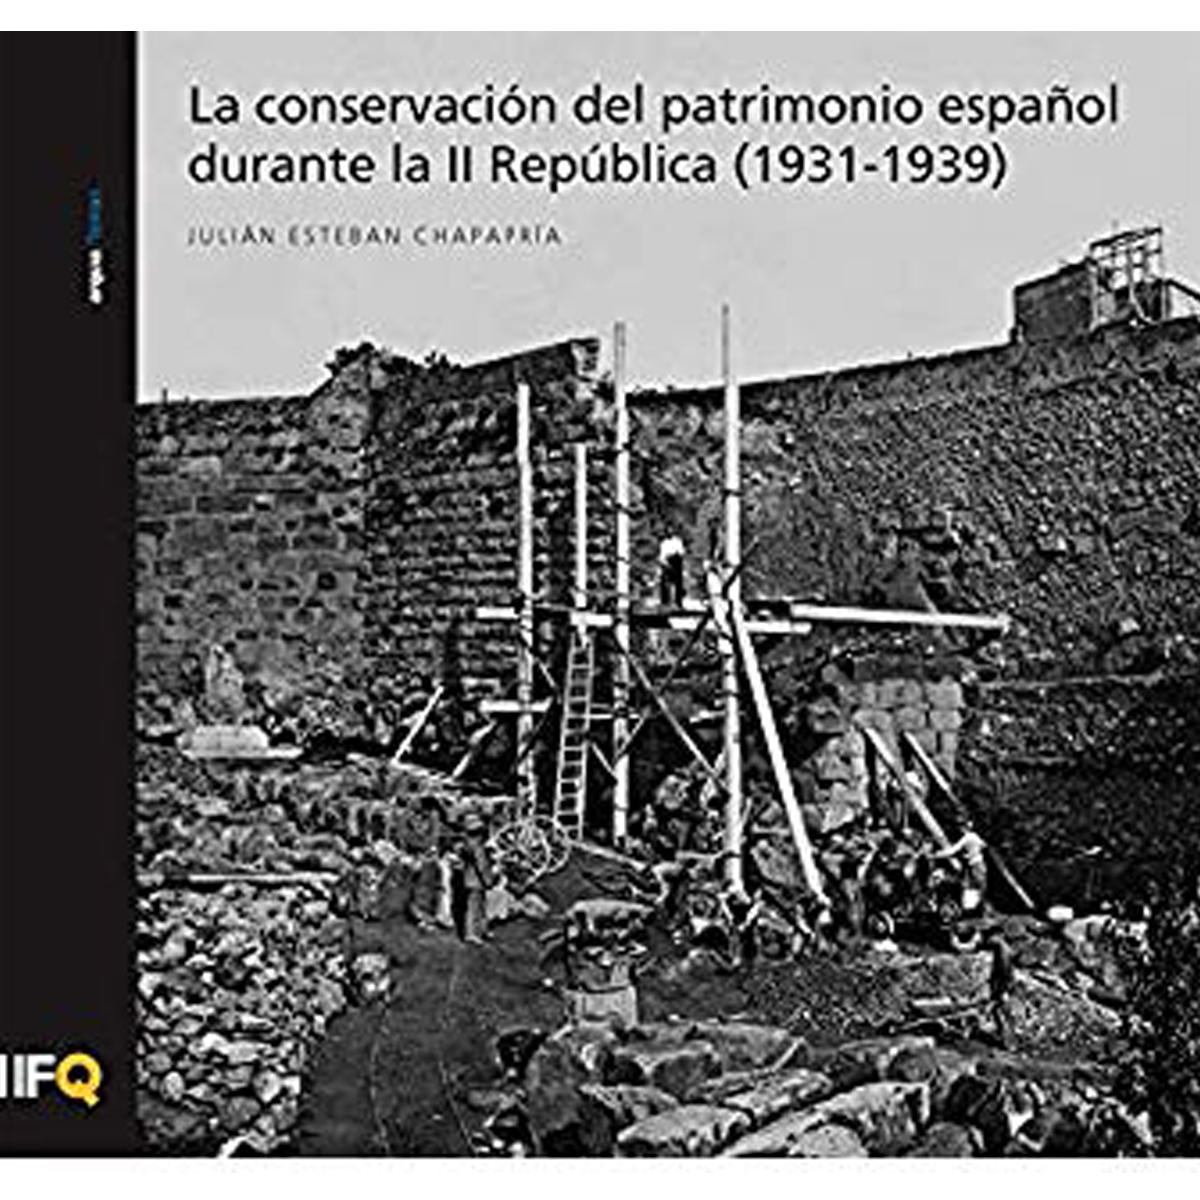 La conservación del patrimonio español durante la II República (1931-1939)